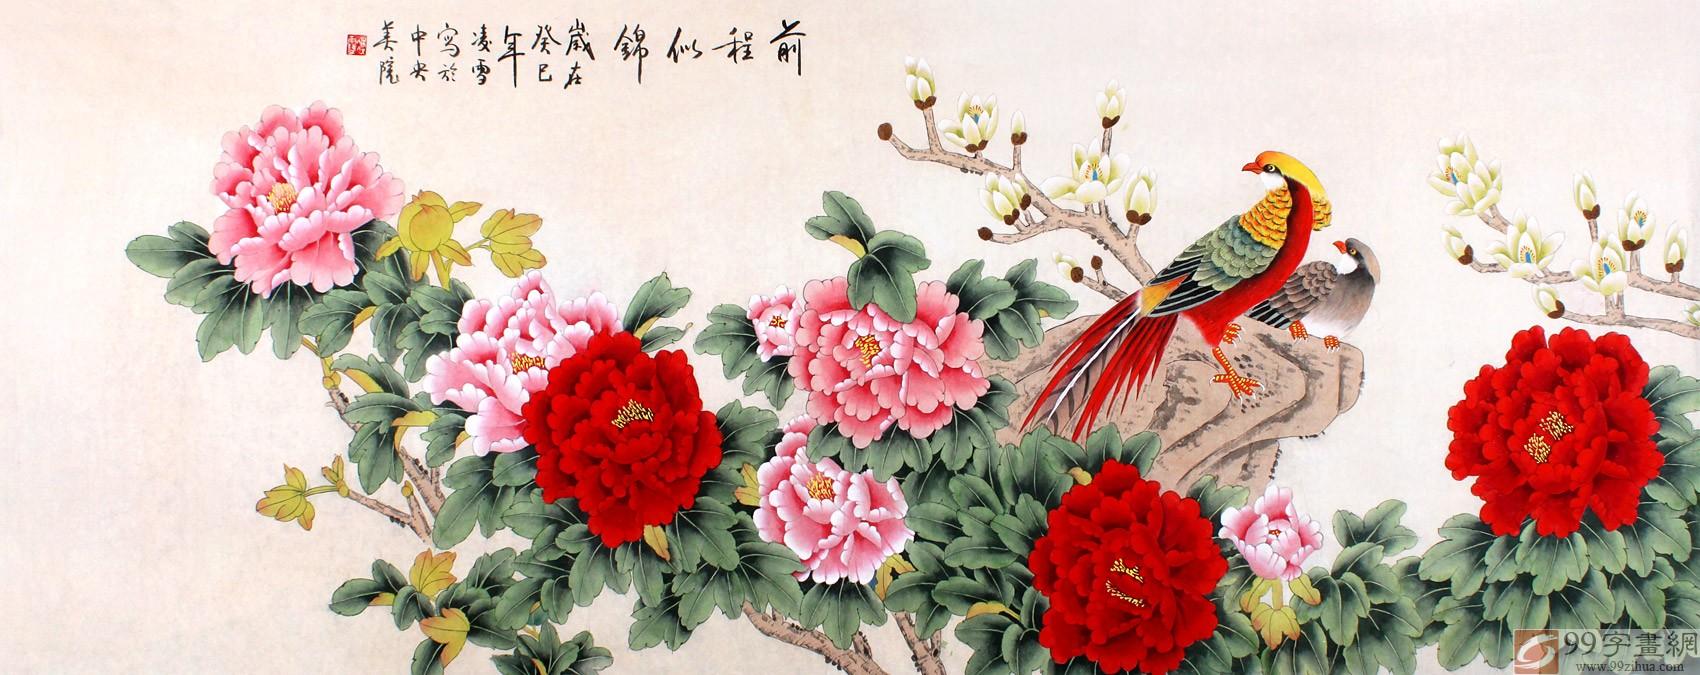 凌雪小六尺牡丹锦鸡《前程似锦》 - 牡丹画